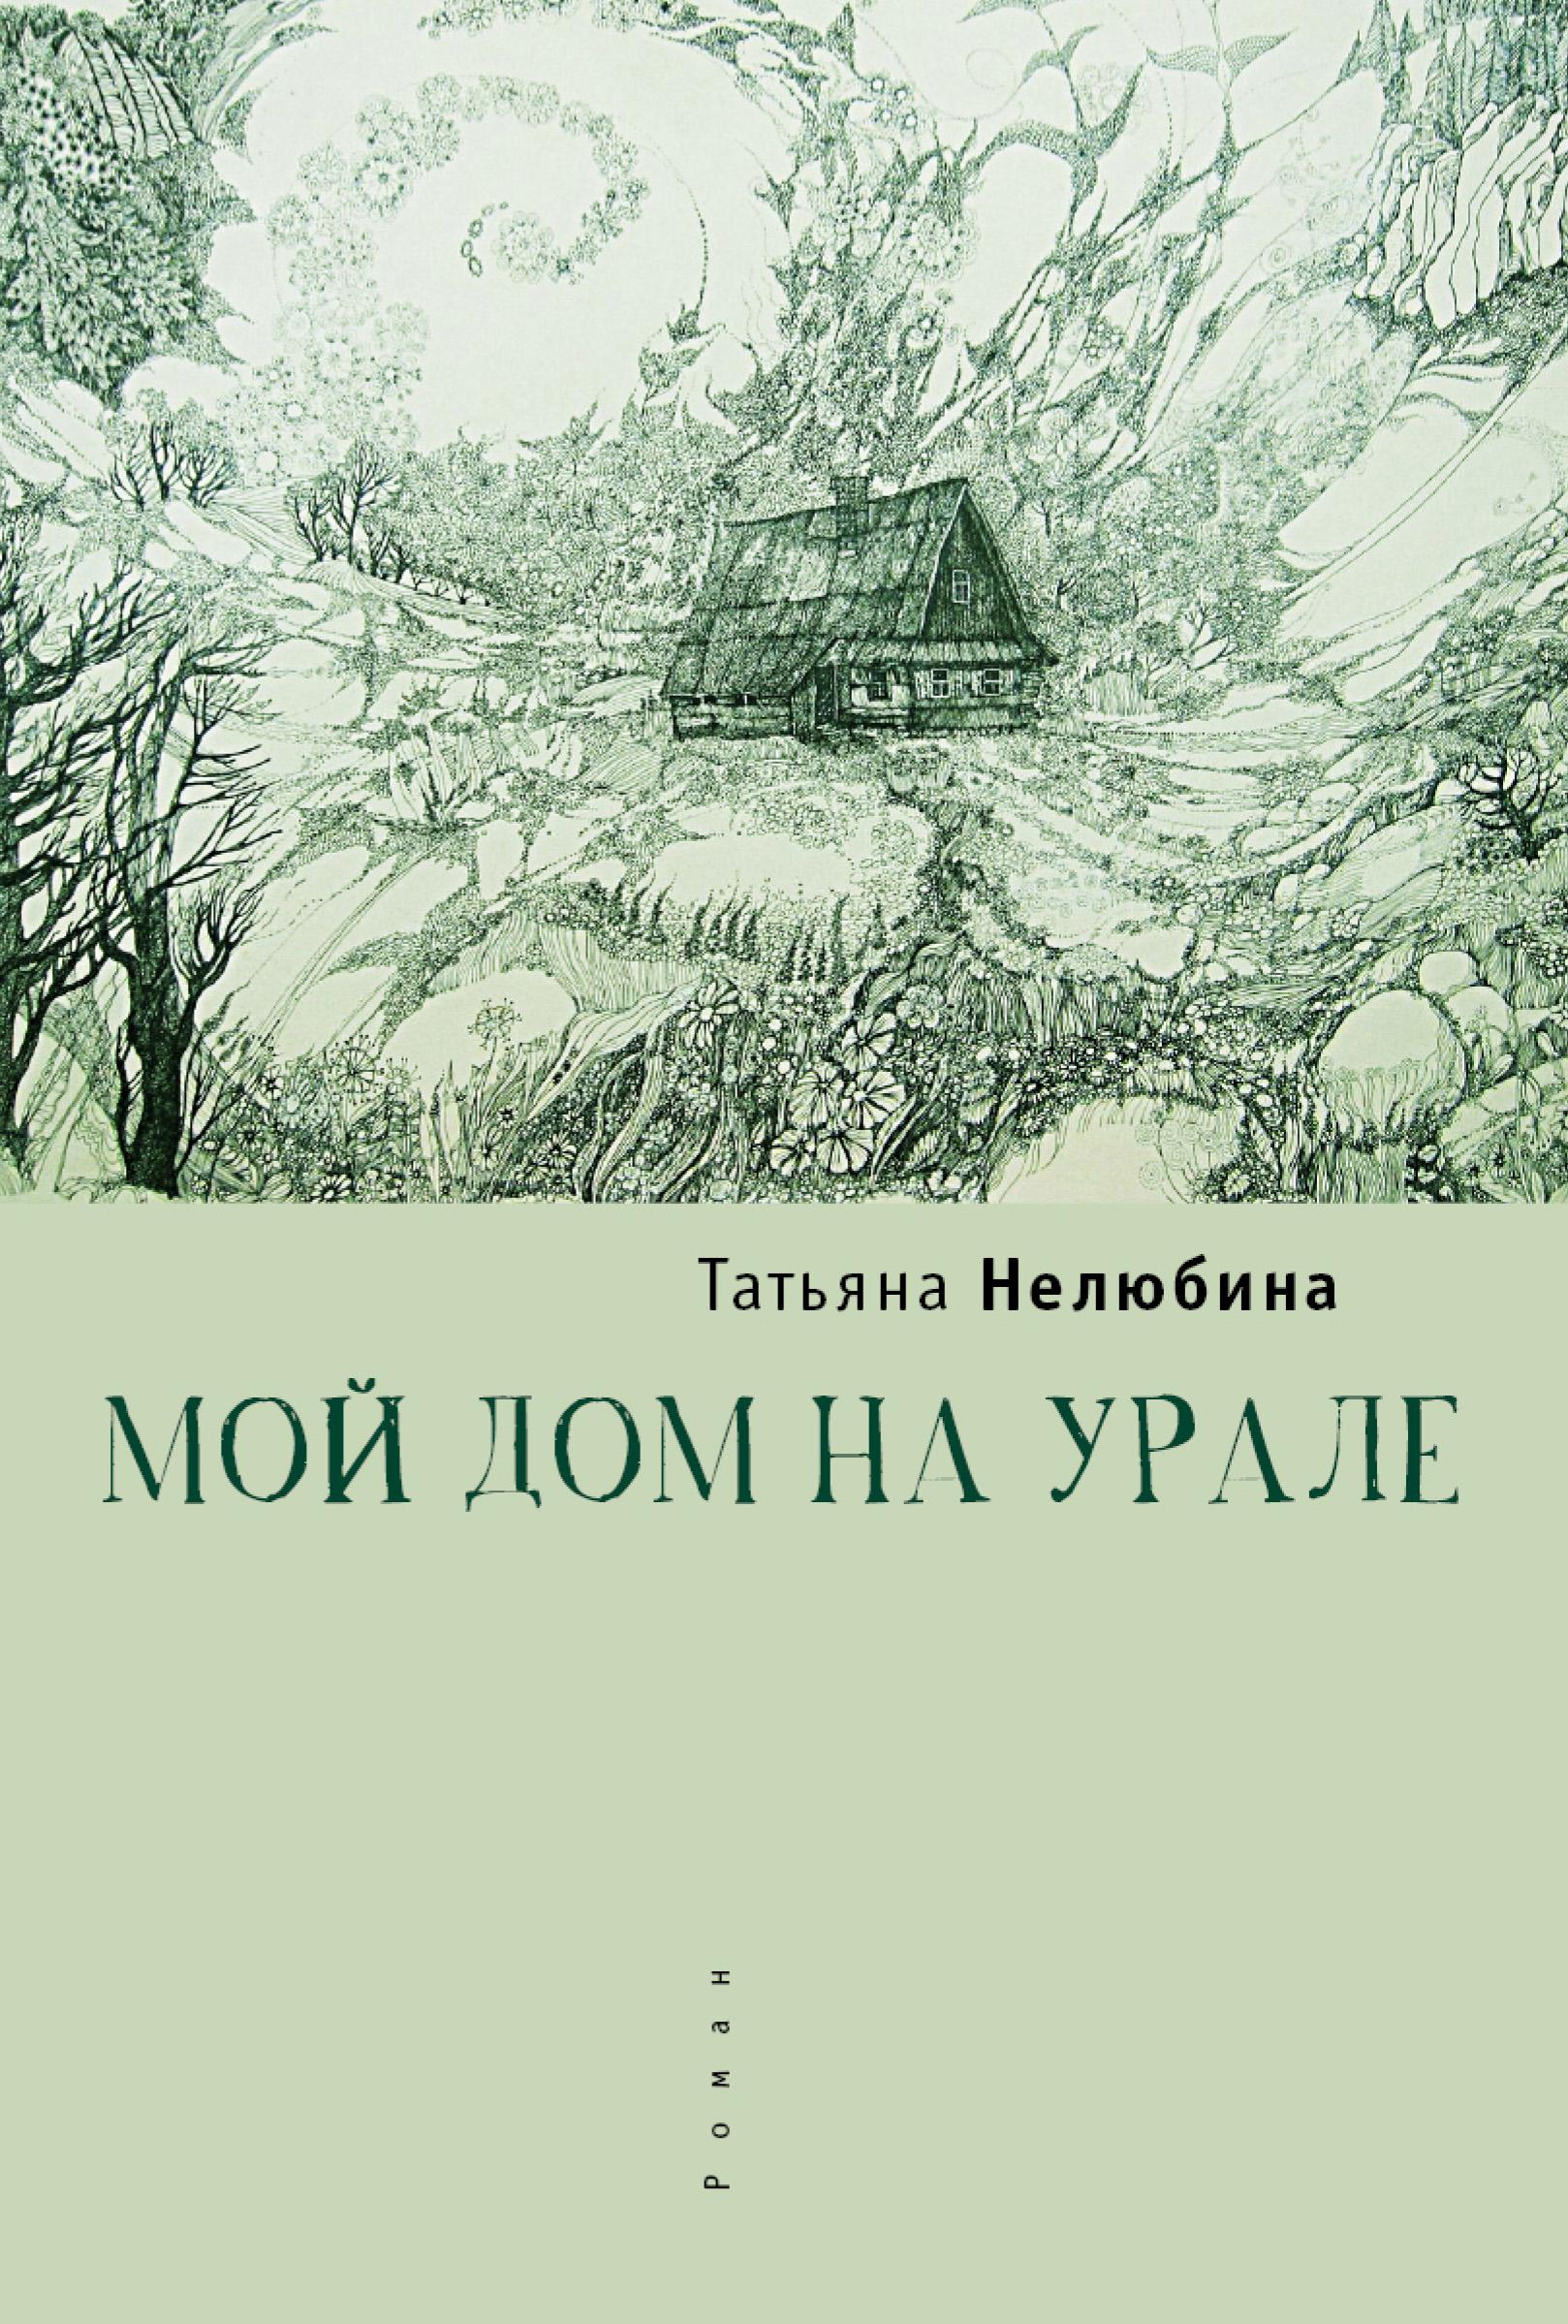 Татьяна Нелюбина Мой дом на Урале нелюбина т мой дом на урале роман